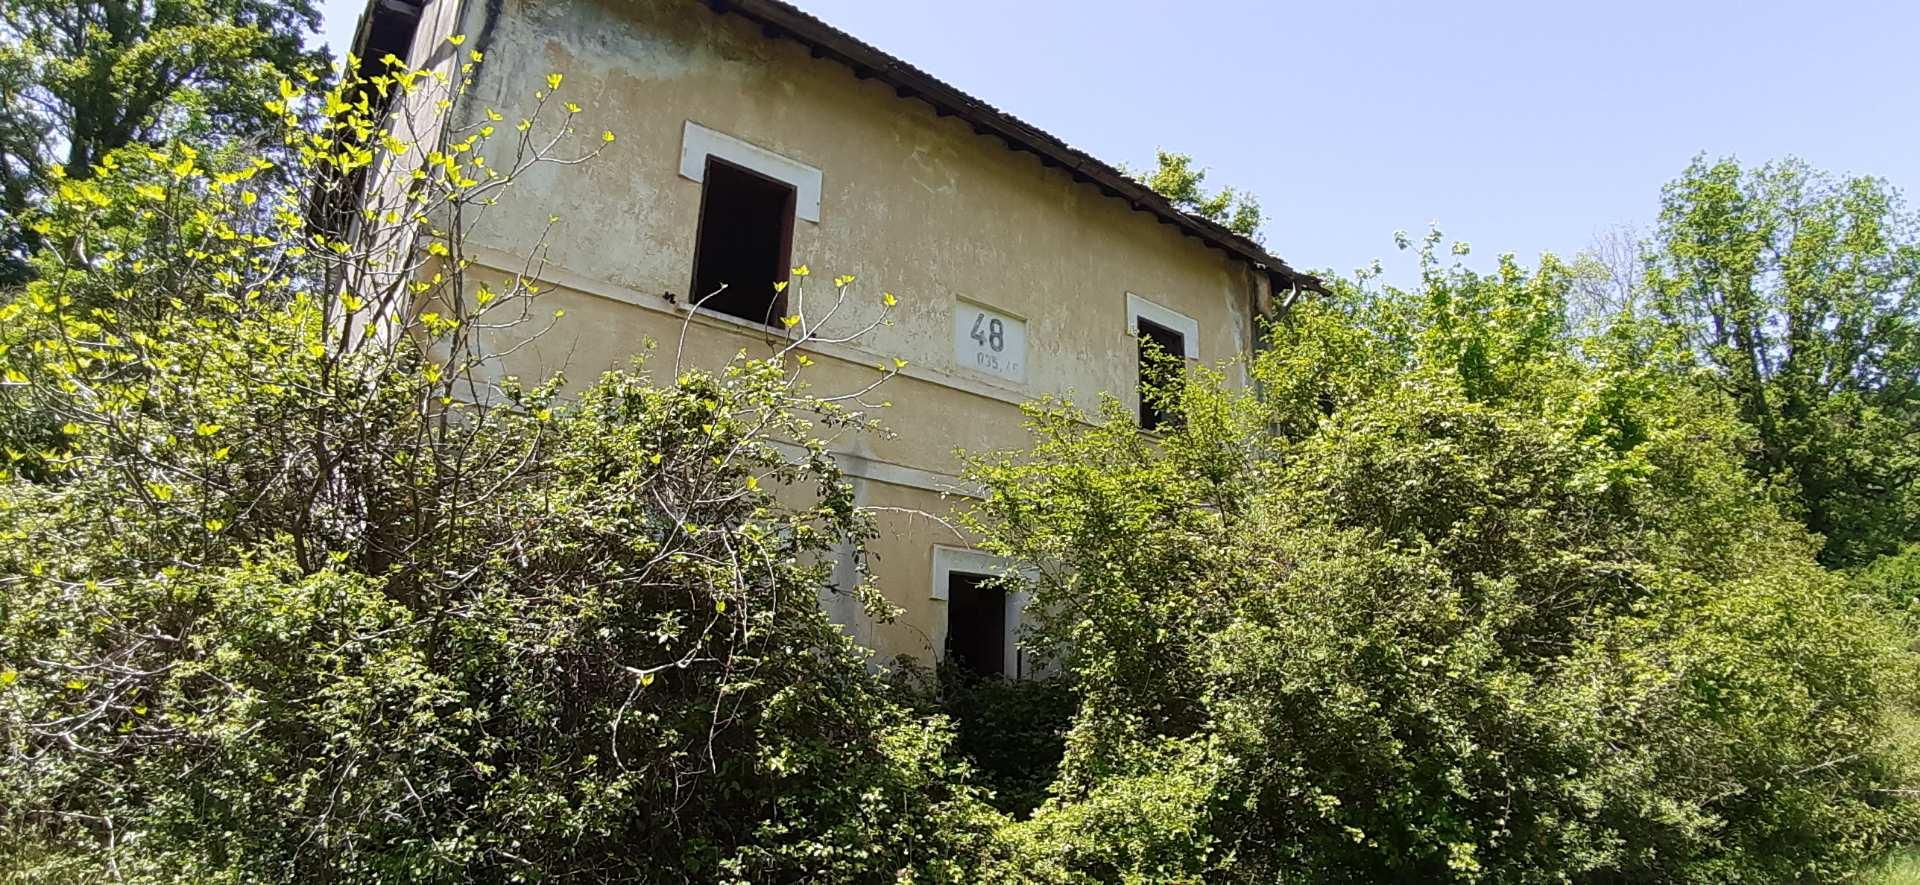 Papasidero ciclabile ex ferrovia Lagonegro-Spezzano Albanese